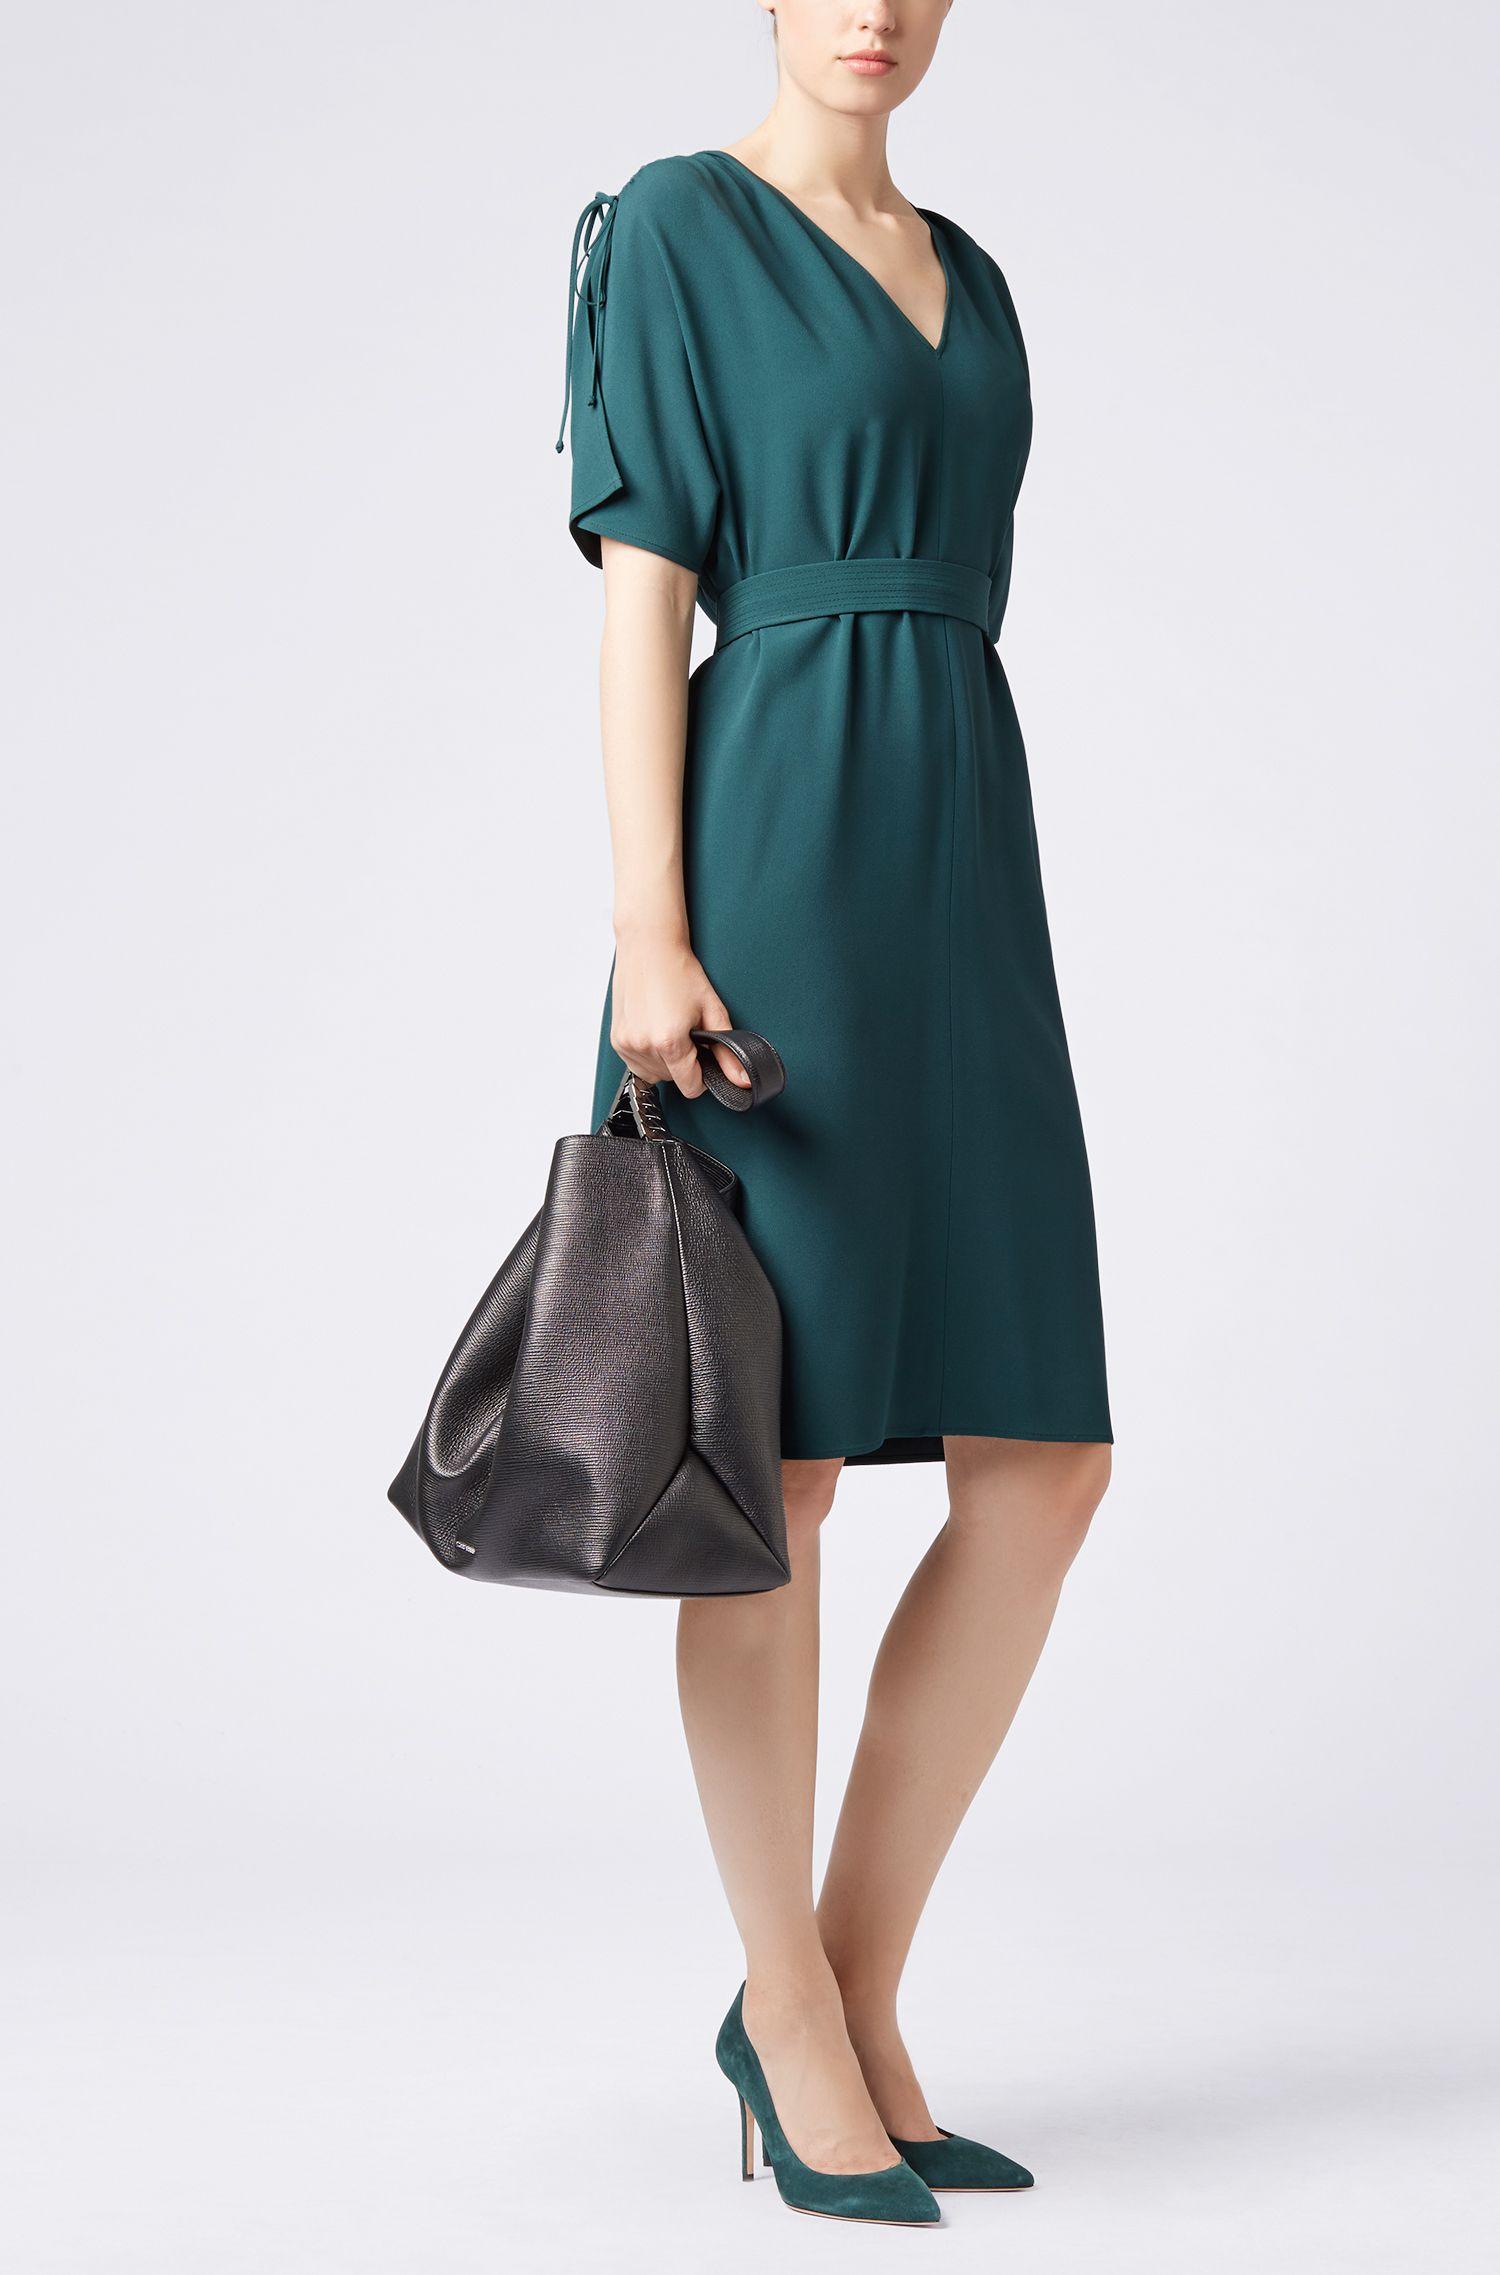 V-neck midi dress in satin-back crepe